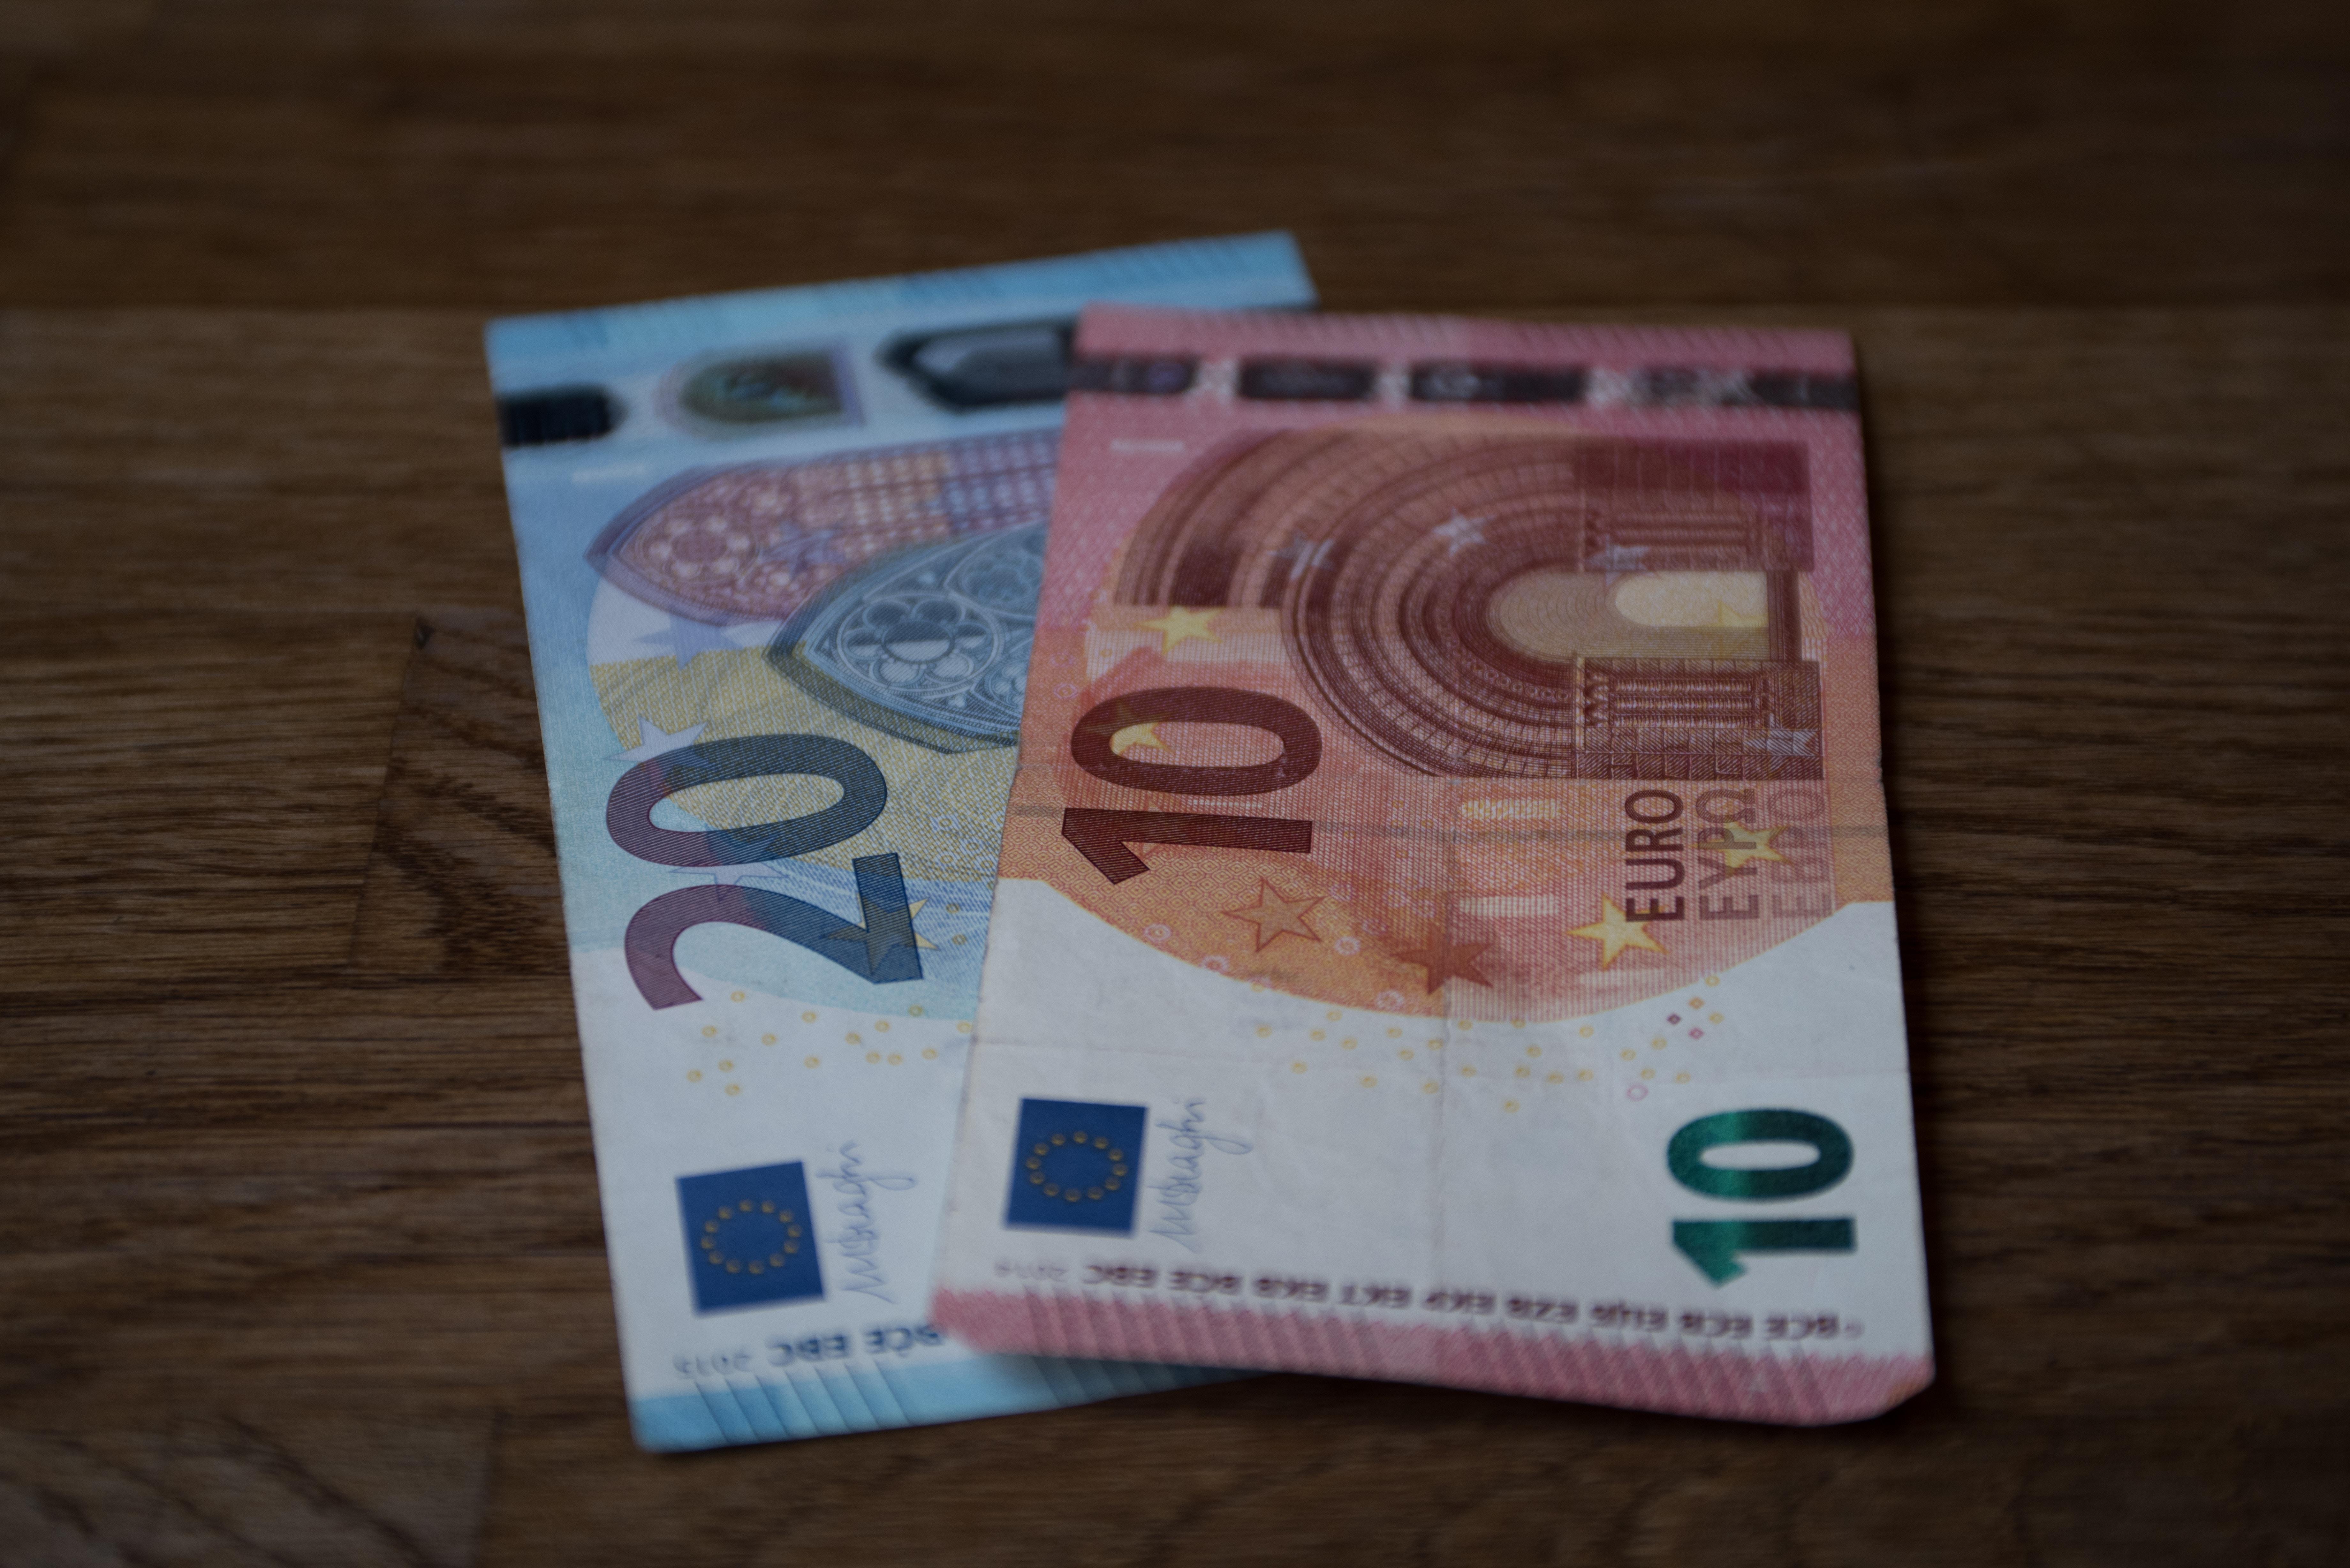 Kako dobiti Elterngeld u Njemackoj